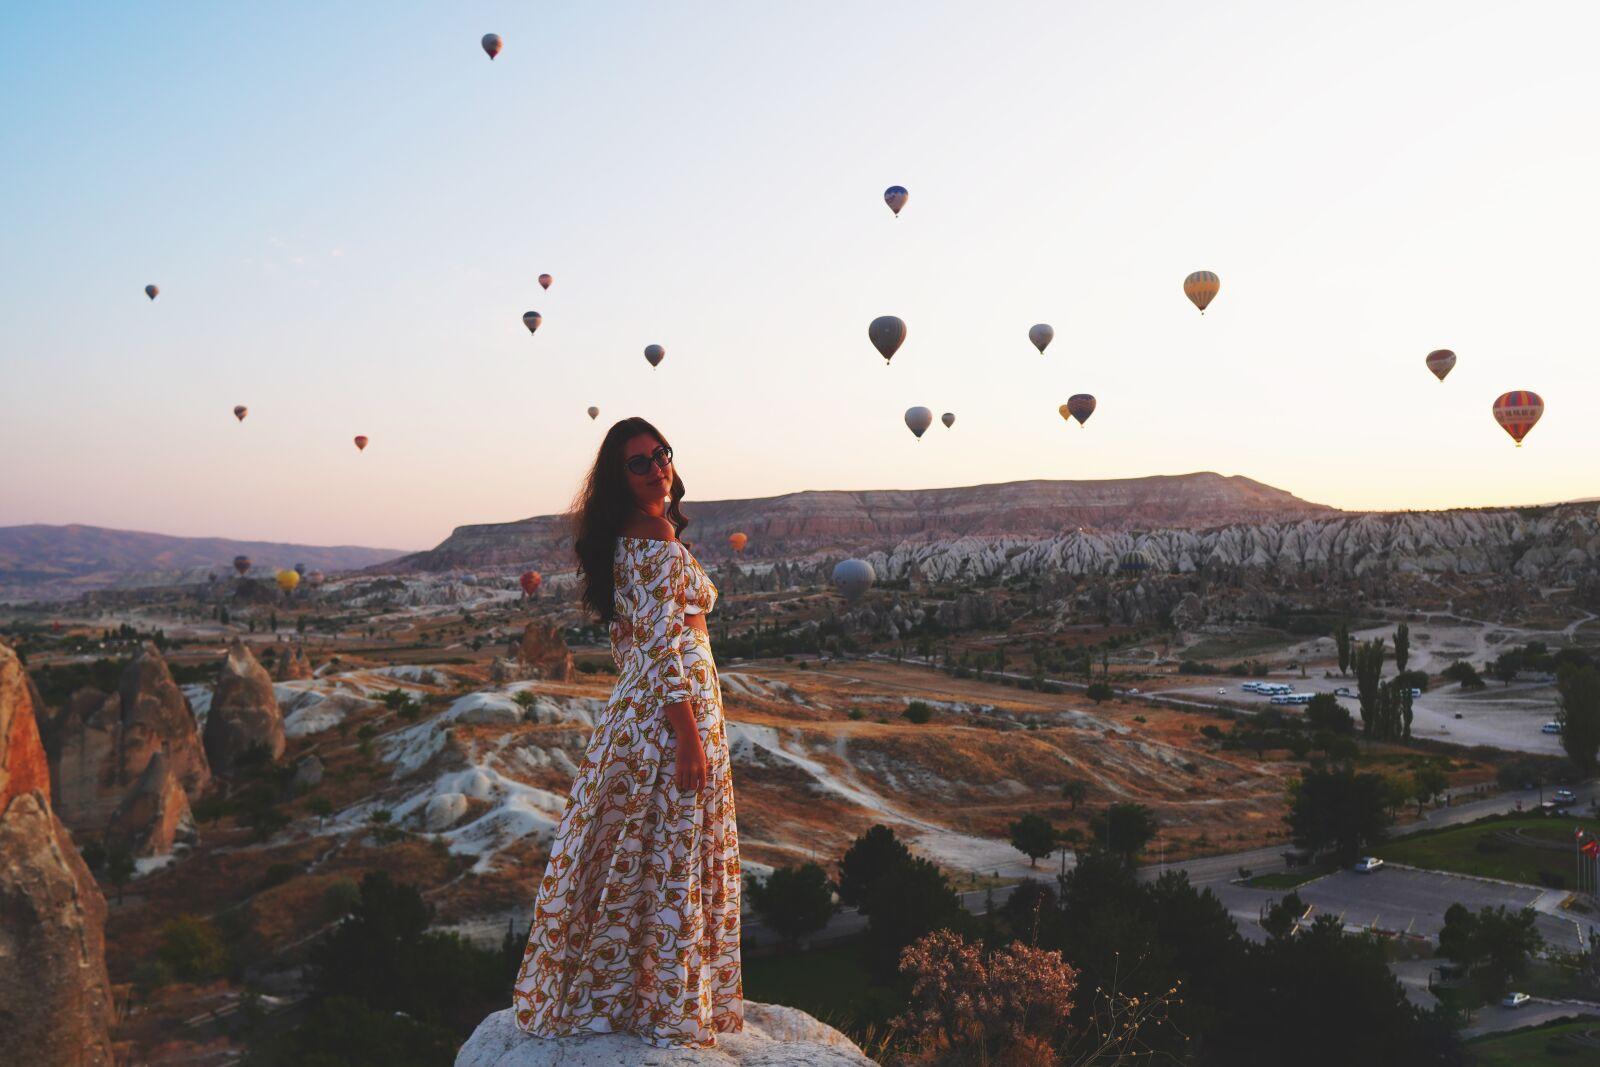 """Sony a6400 sample photo. """"Cappadocia, hot air balloon"""" photography"""